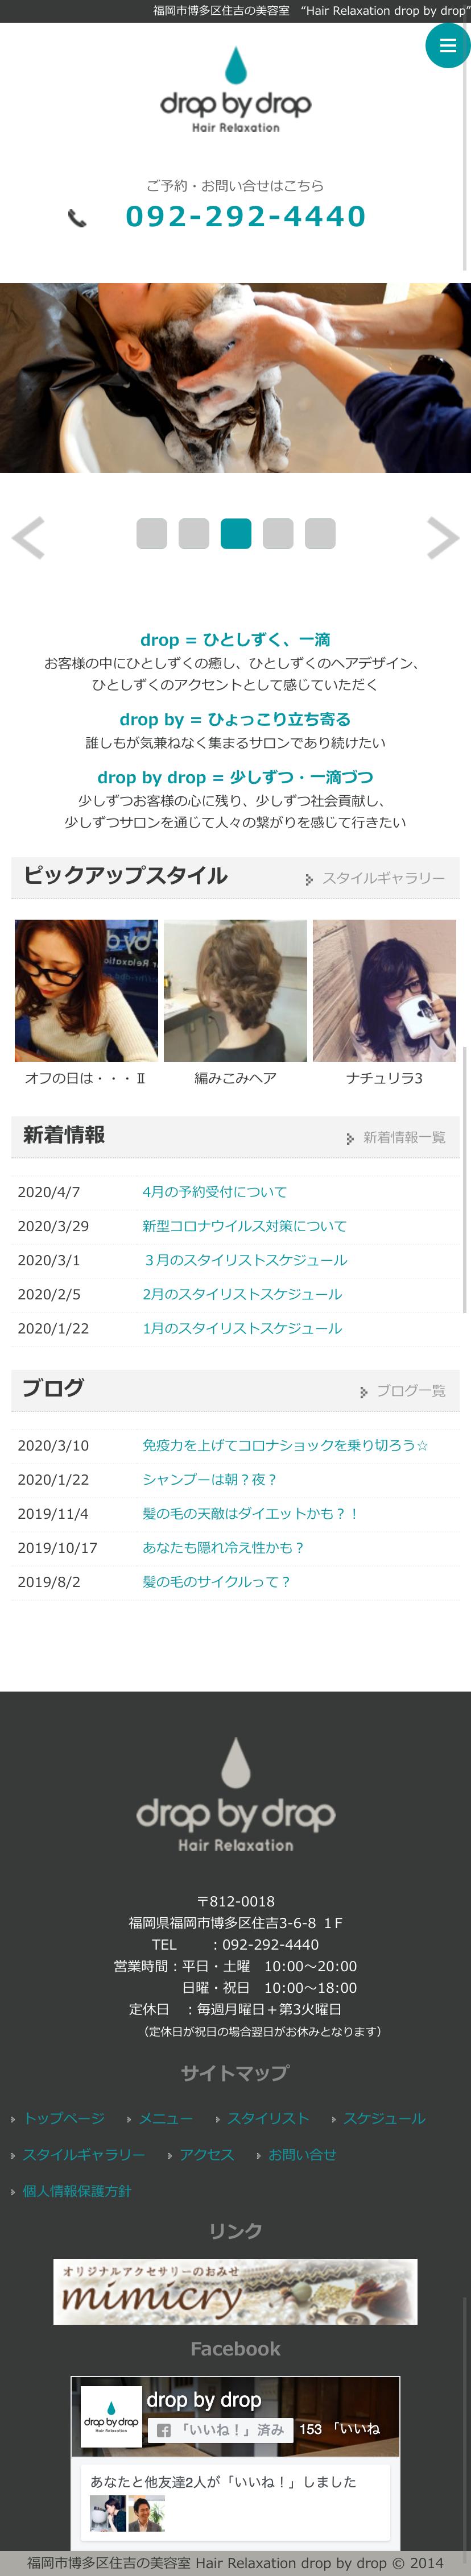 drop by drop様 ホームページ SP画像